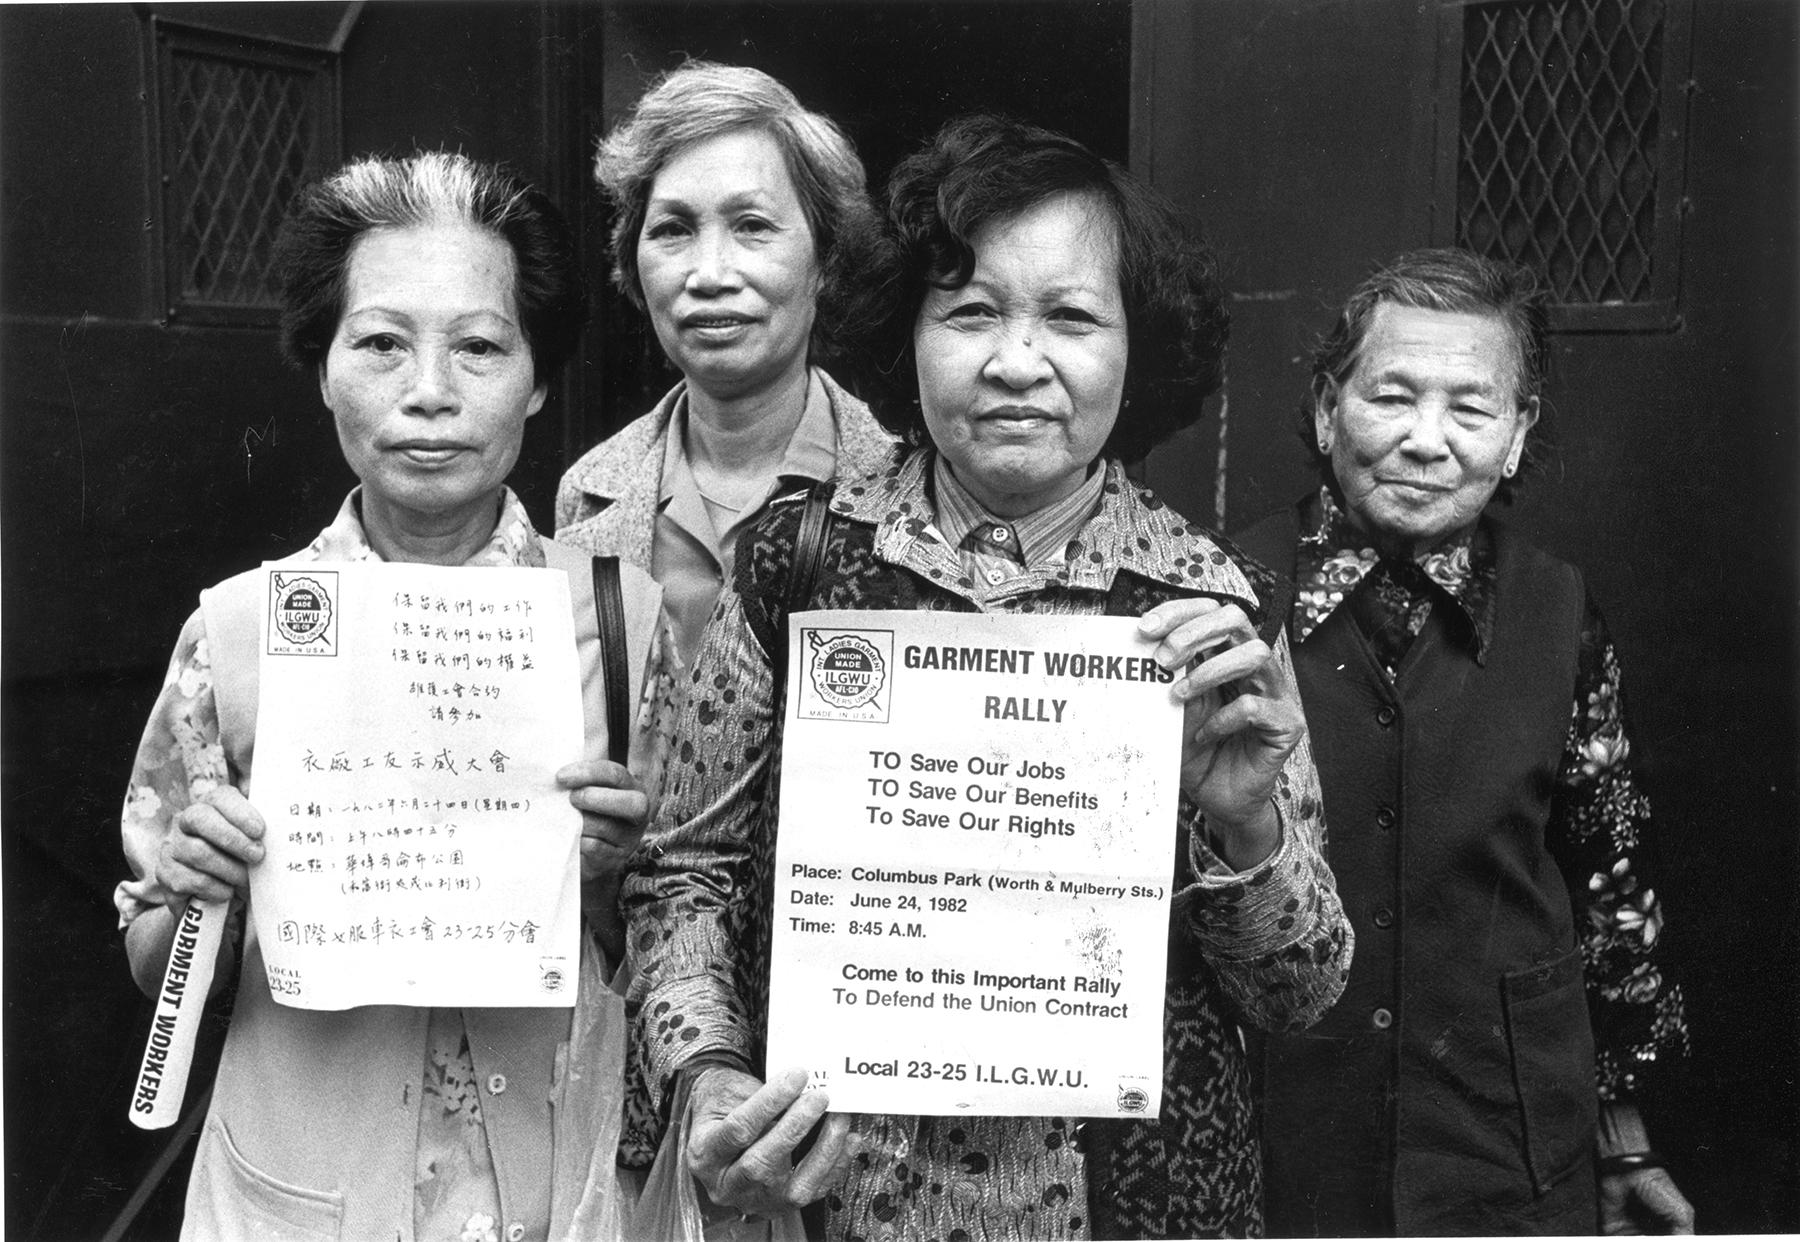 Membros do sindicato ILGWU Local 23-25 olham diretamente para a câmera e exibem panfletos em inglês e chinês em apoio à greve contra as fábricas de roupas em Chinatown, na cidade de Nova York.